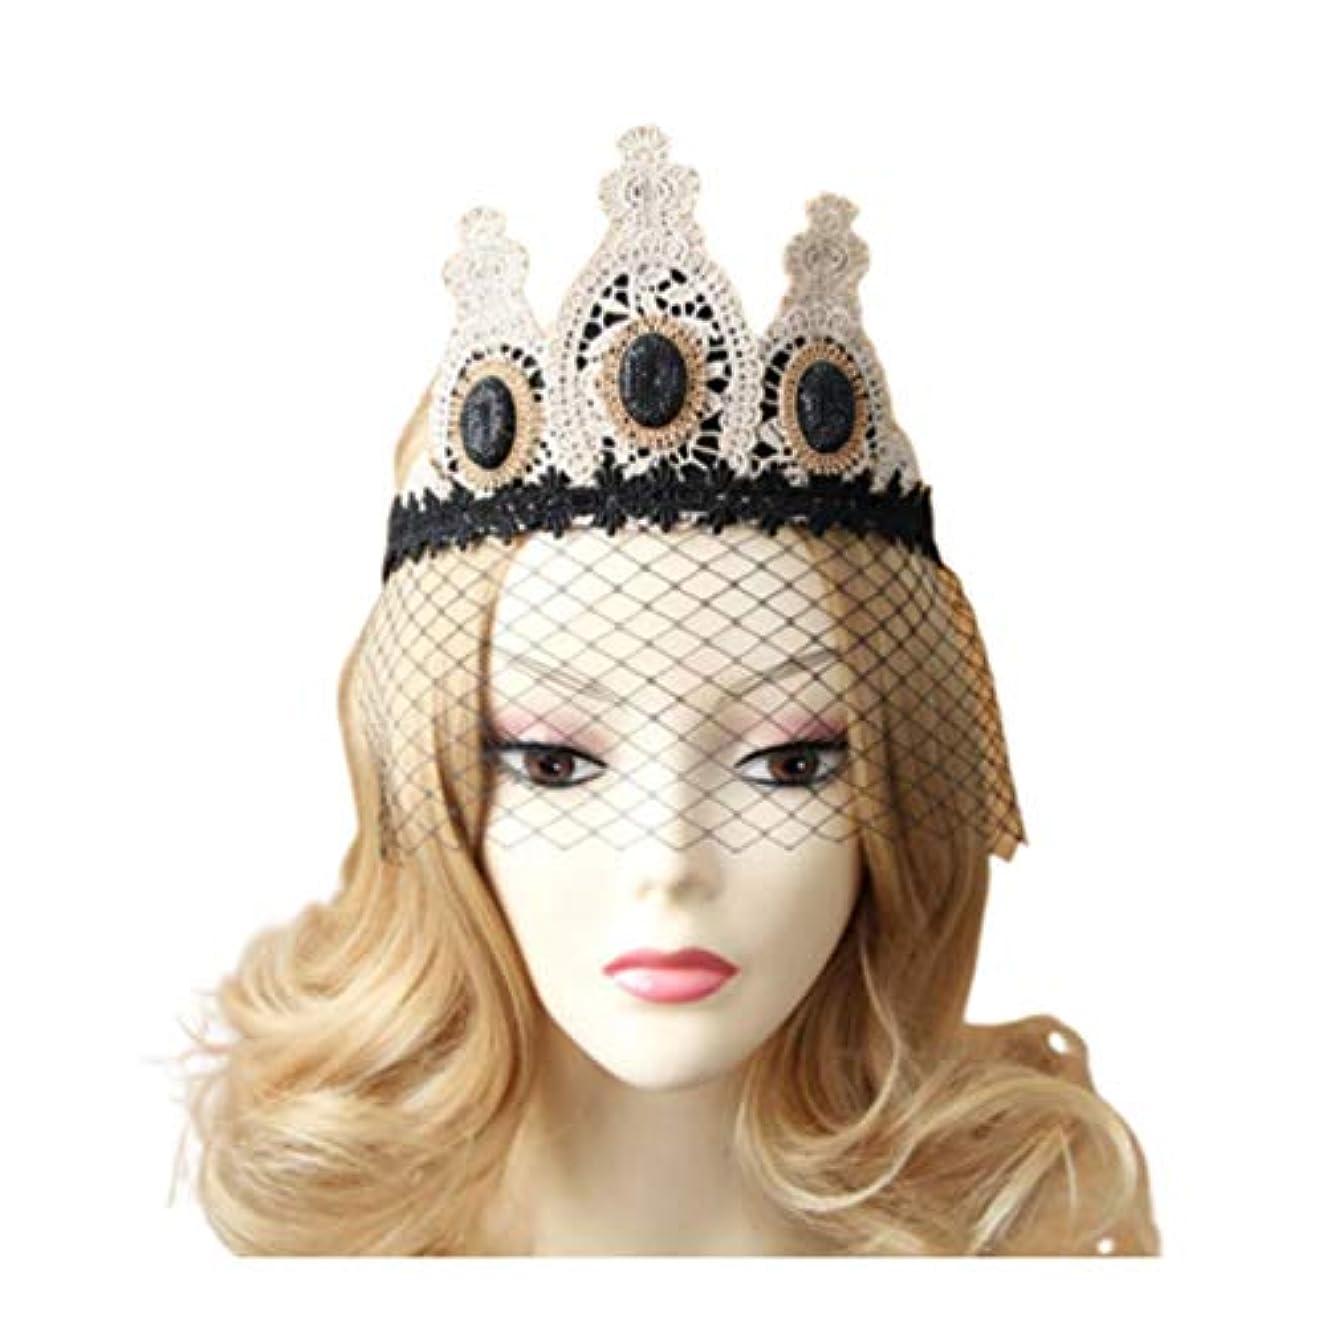 刺繍おしゃれなレジLurrose レースクラウンヴィンテージゴシックメッシュベールヘッドバンドレースベール帽子ハロウィンヘア装飾用女性女性